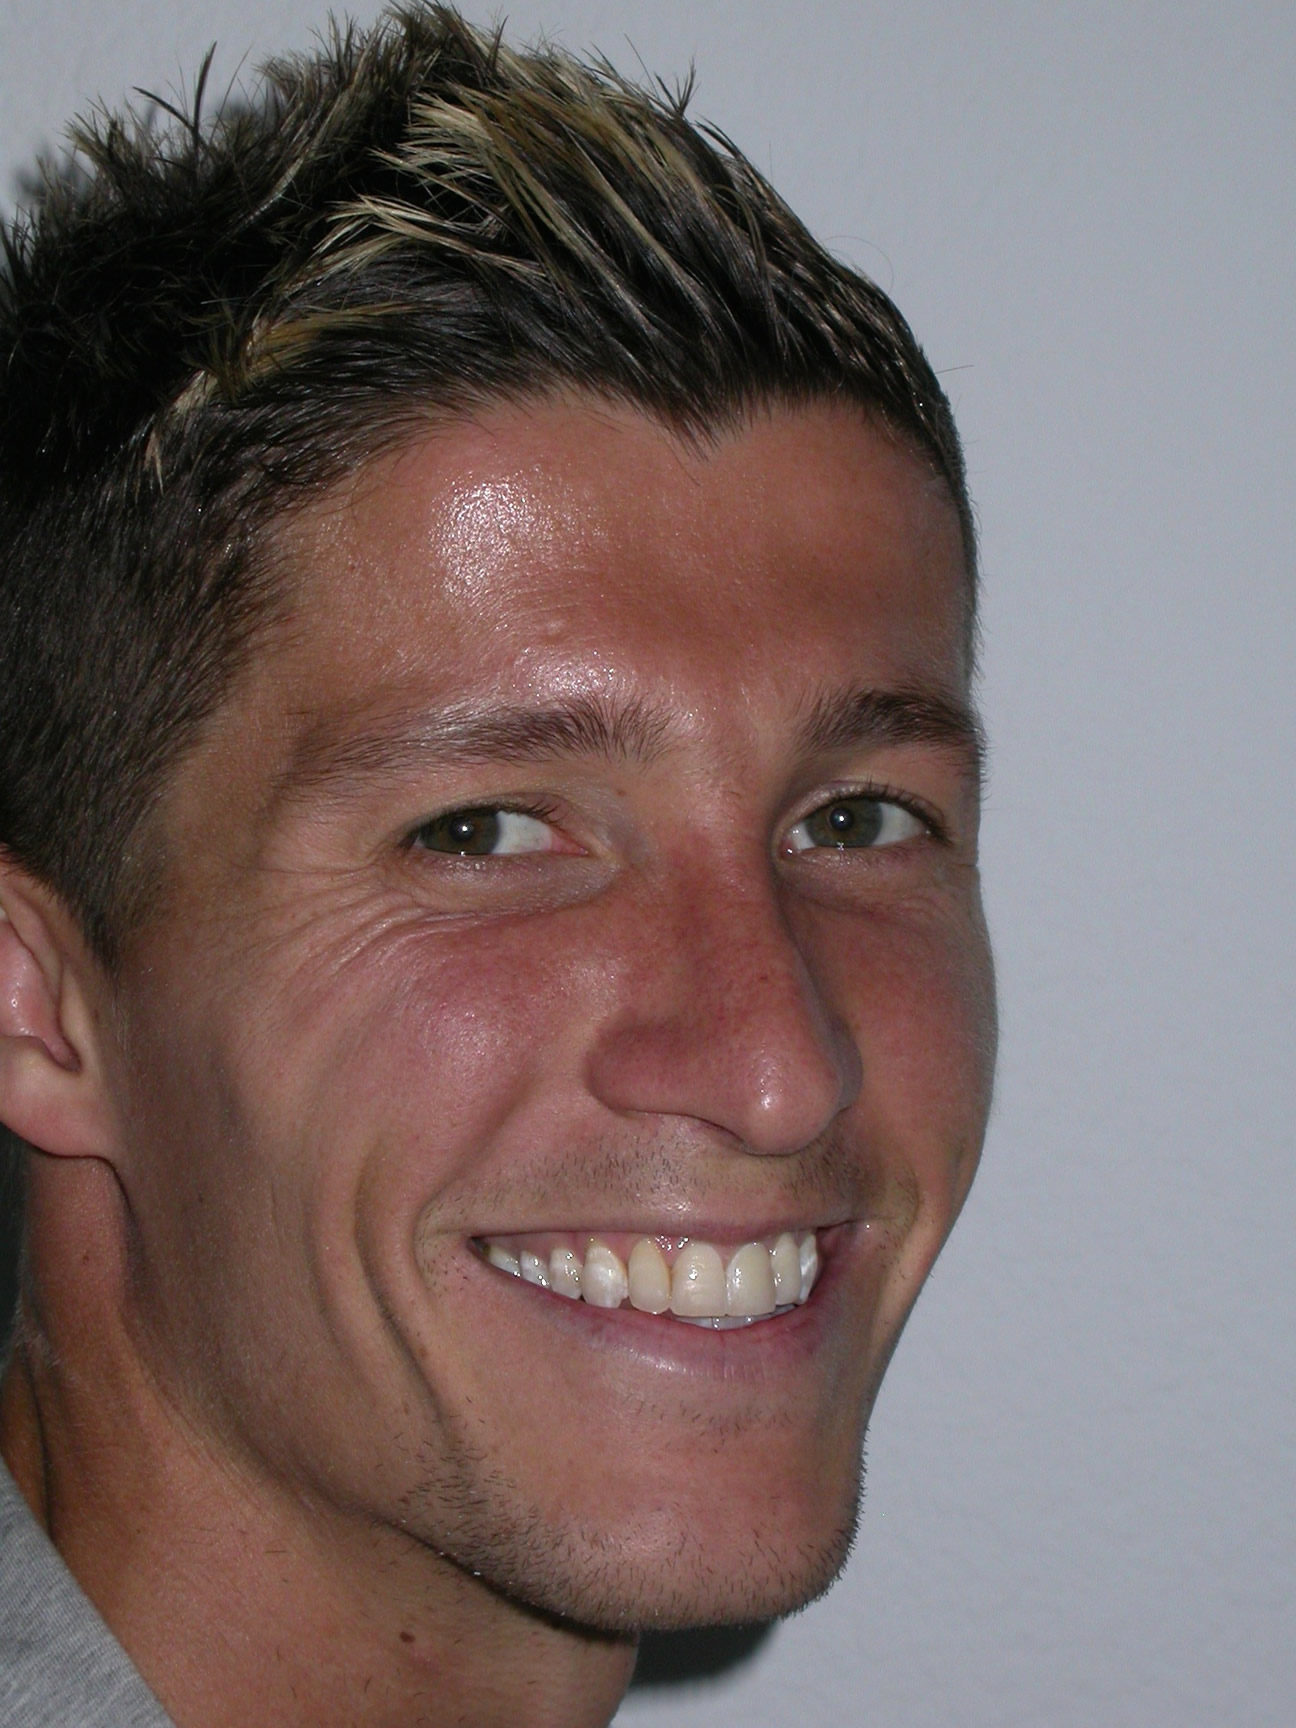 Ruyman Hernández (futbolista), tras ortodoncia realizada en Clínica Dental Henríquez, con estabilidad de resultados en el tiempo.